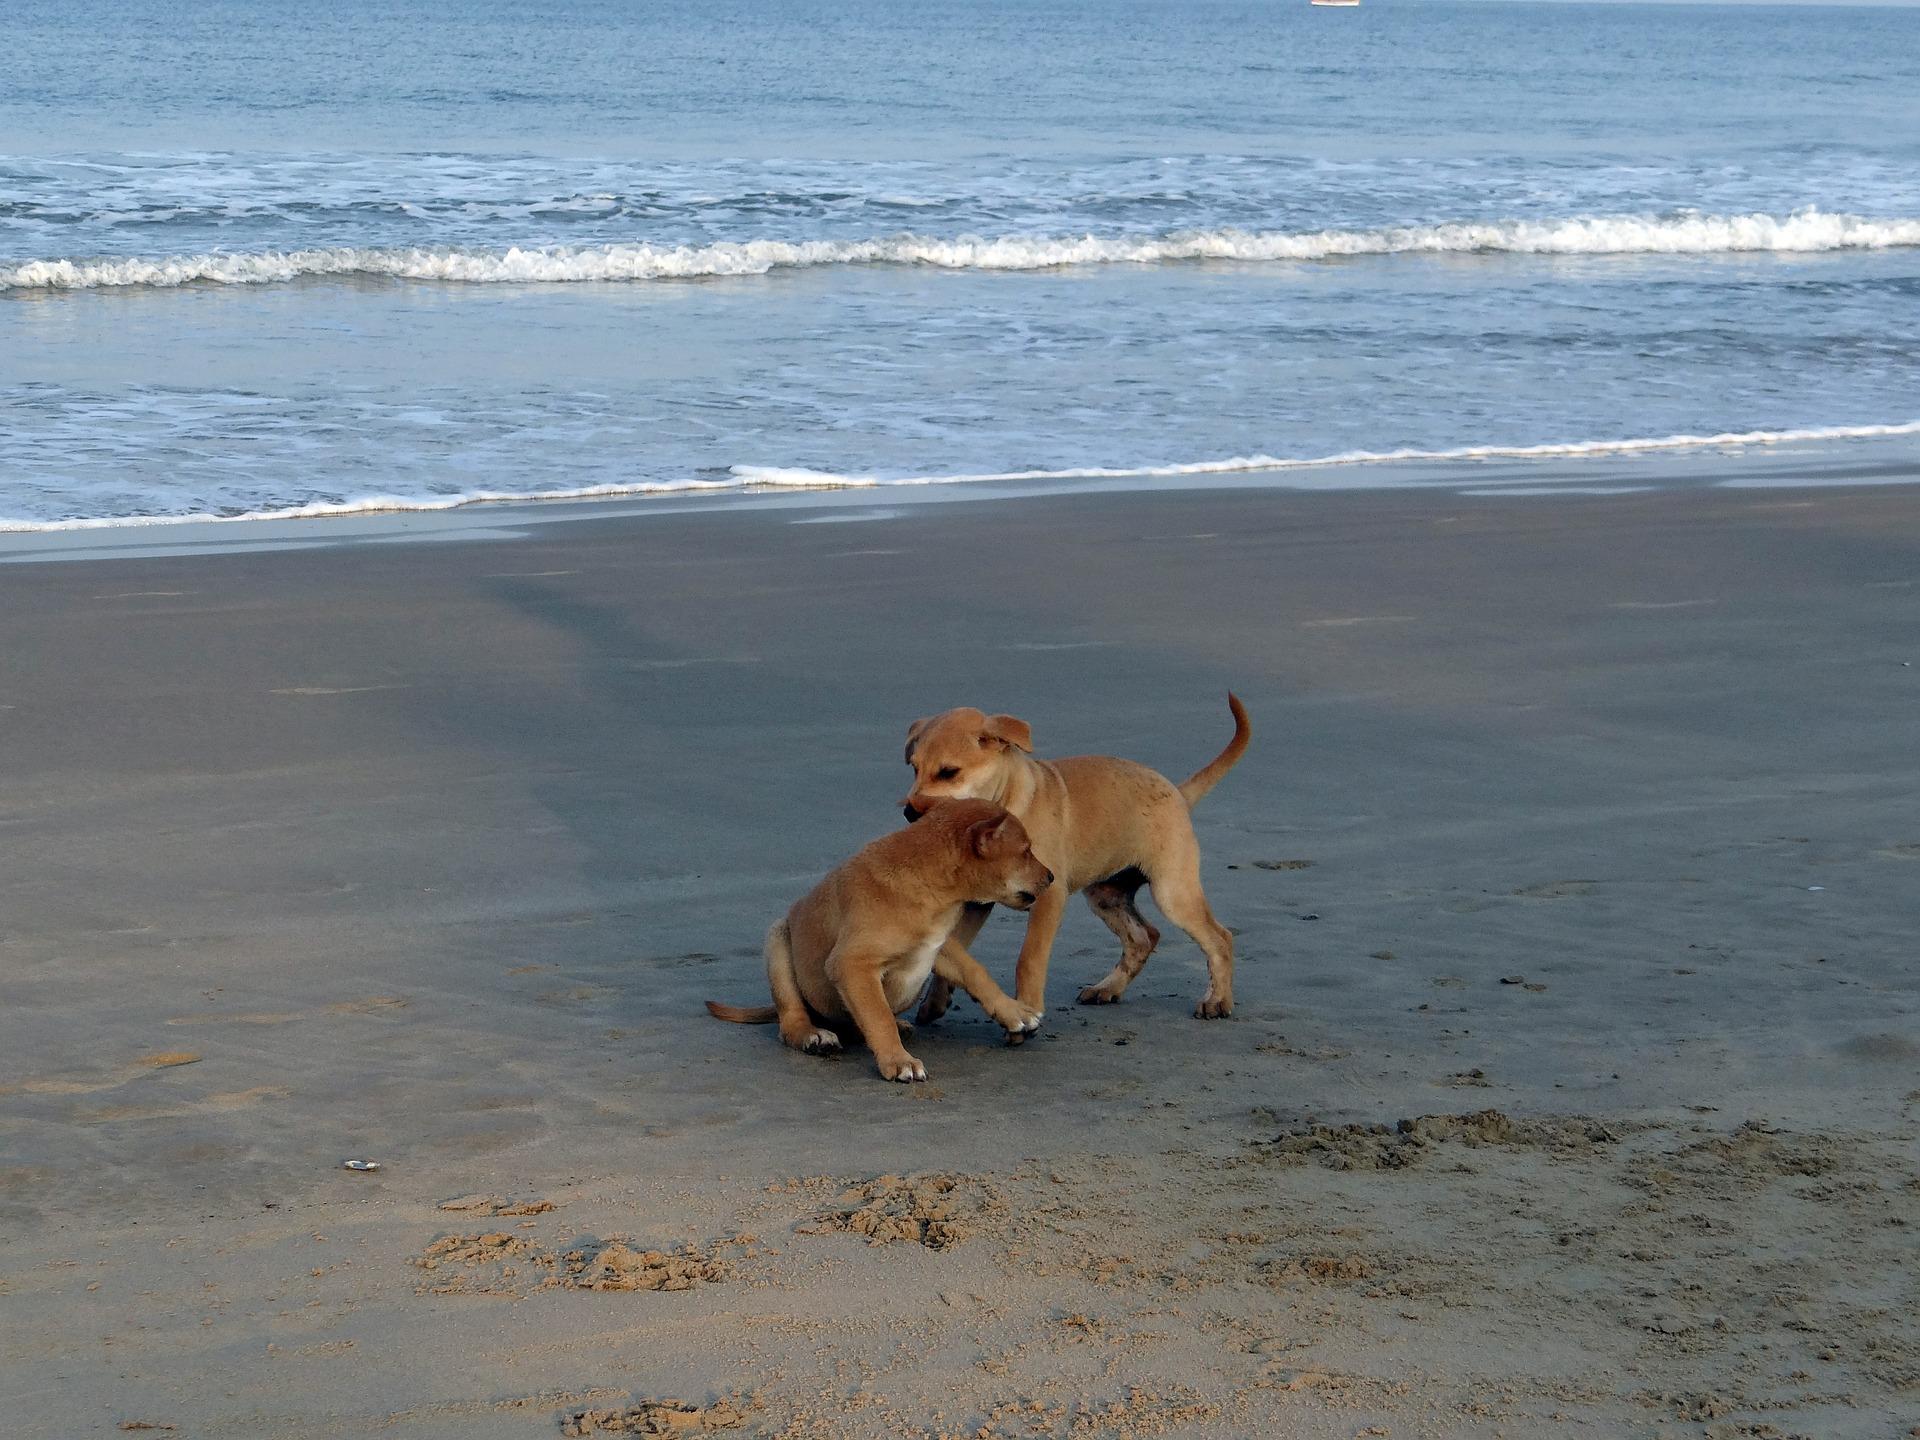 Un chien épanoui et en santé grâce aux voyages